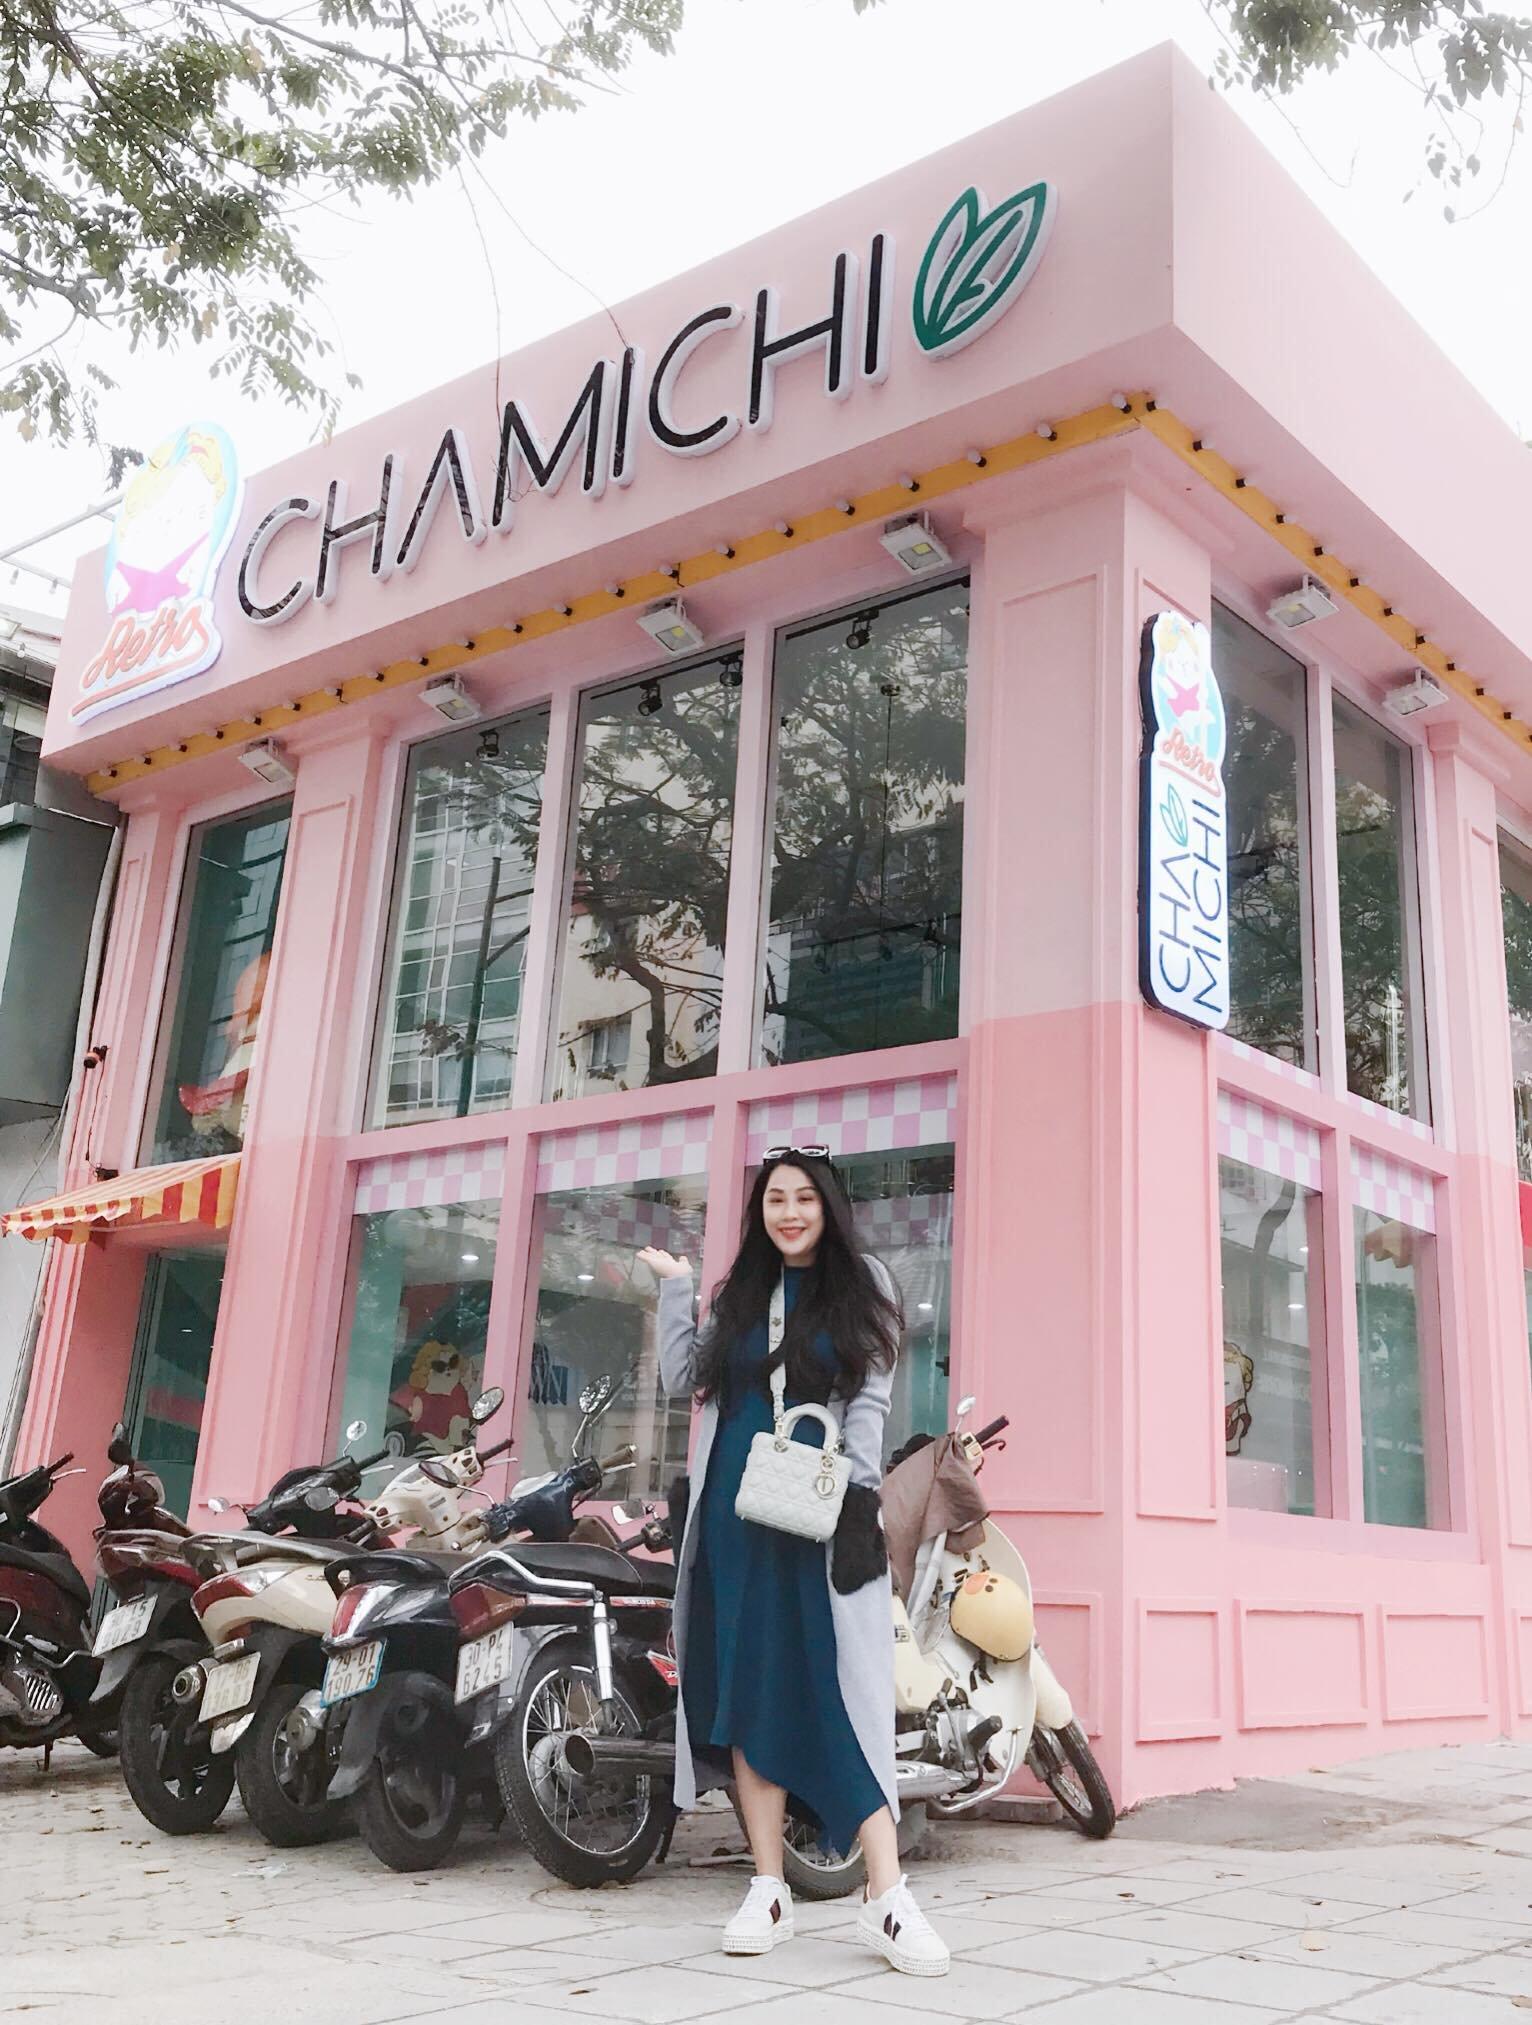 Chuỗi trà sữa Chamichi của nhà văn Gào đóng nhiều cửa hàng, điện thoại không thể liên lạc? - Ảnh 1.